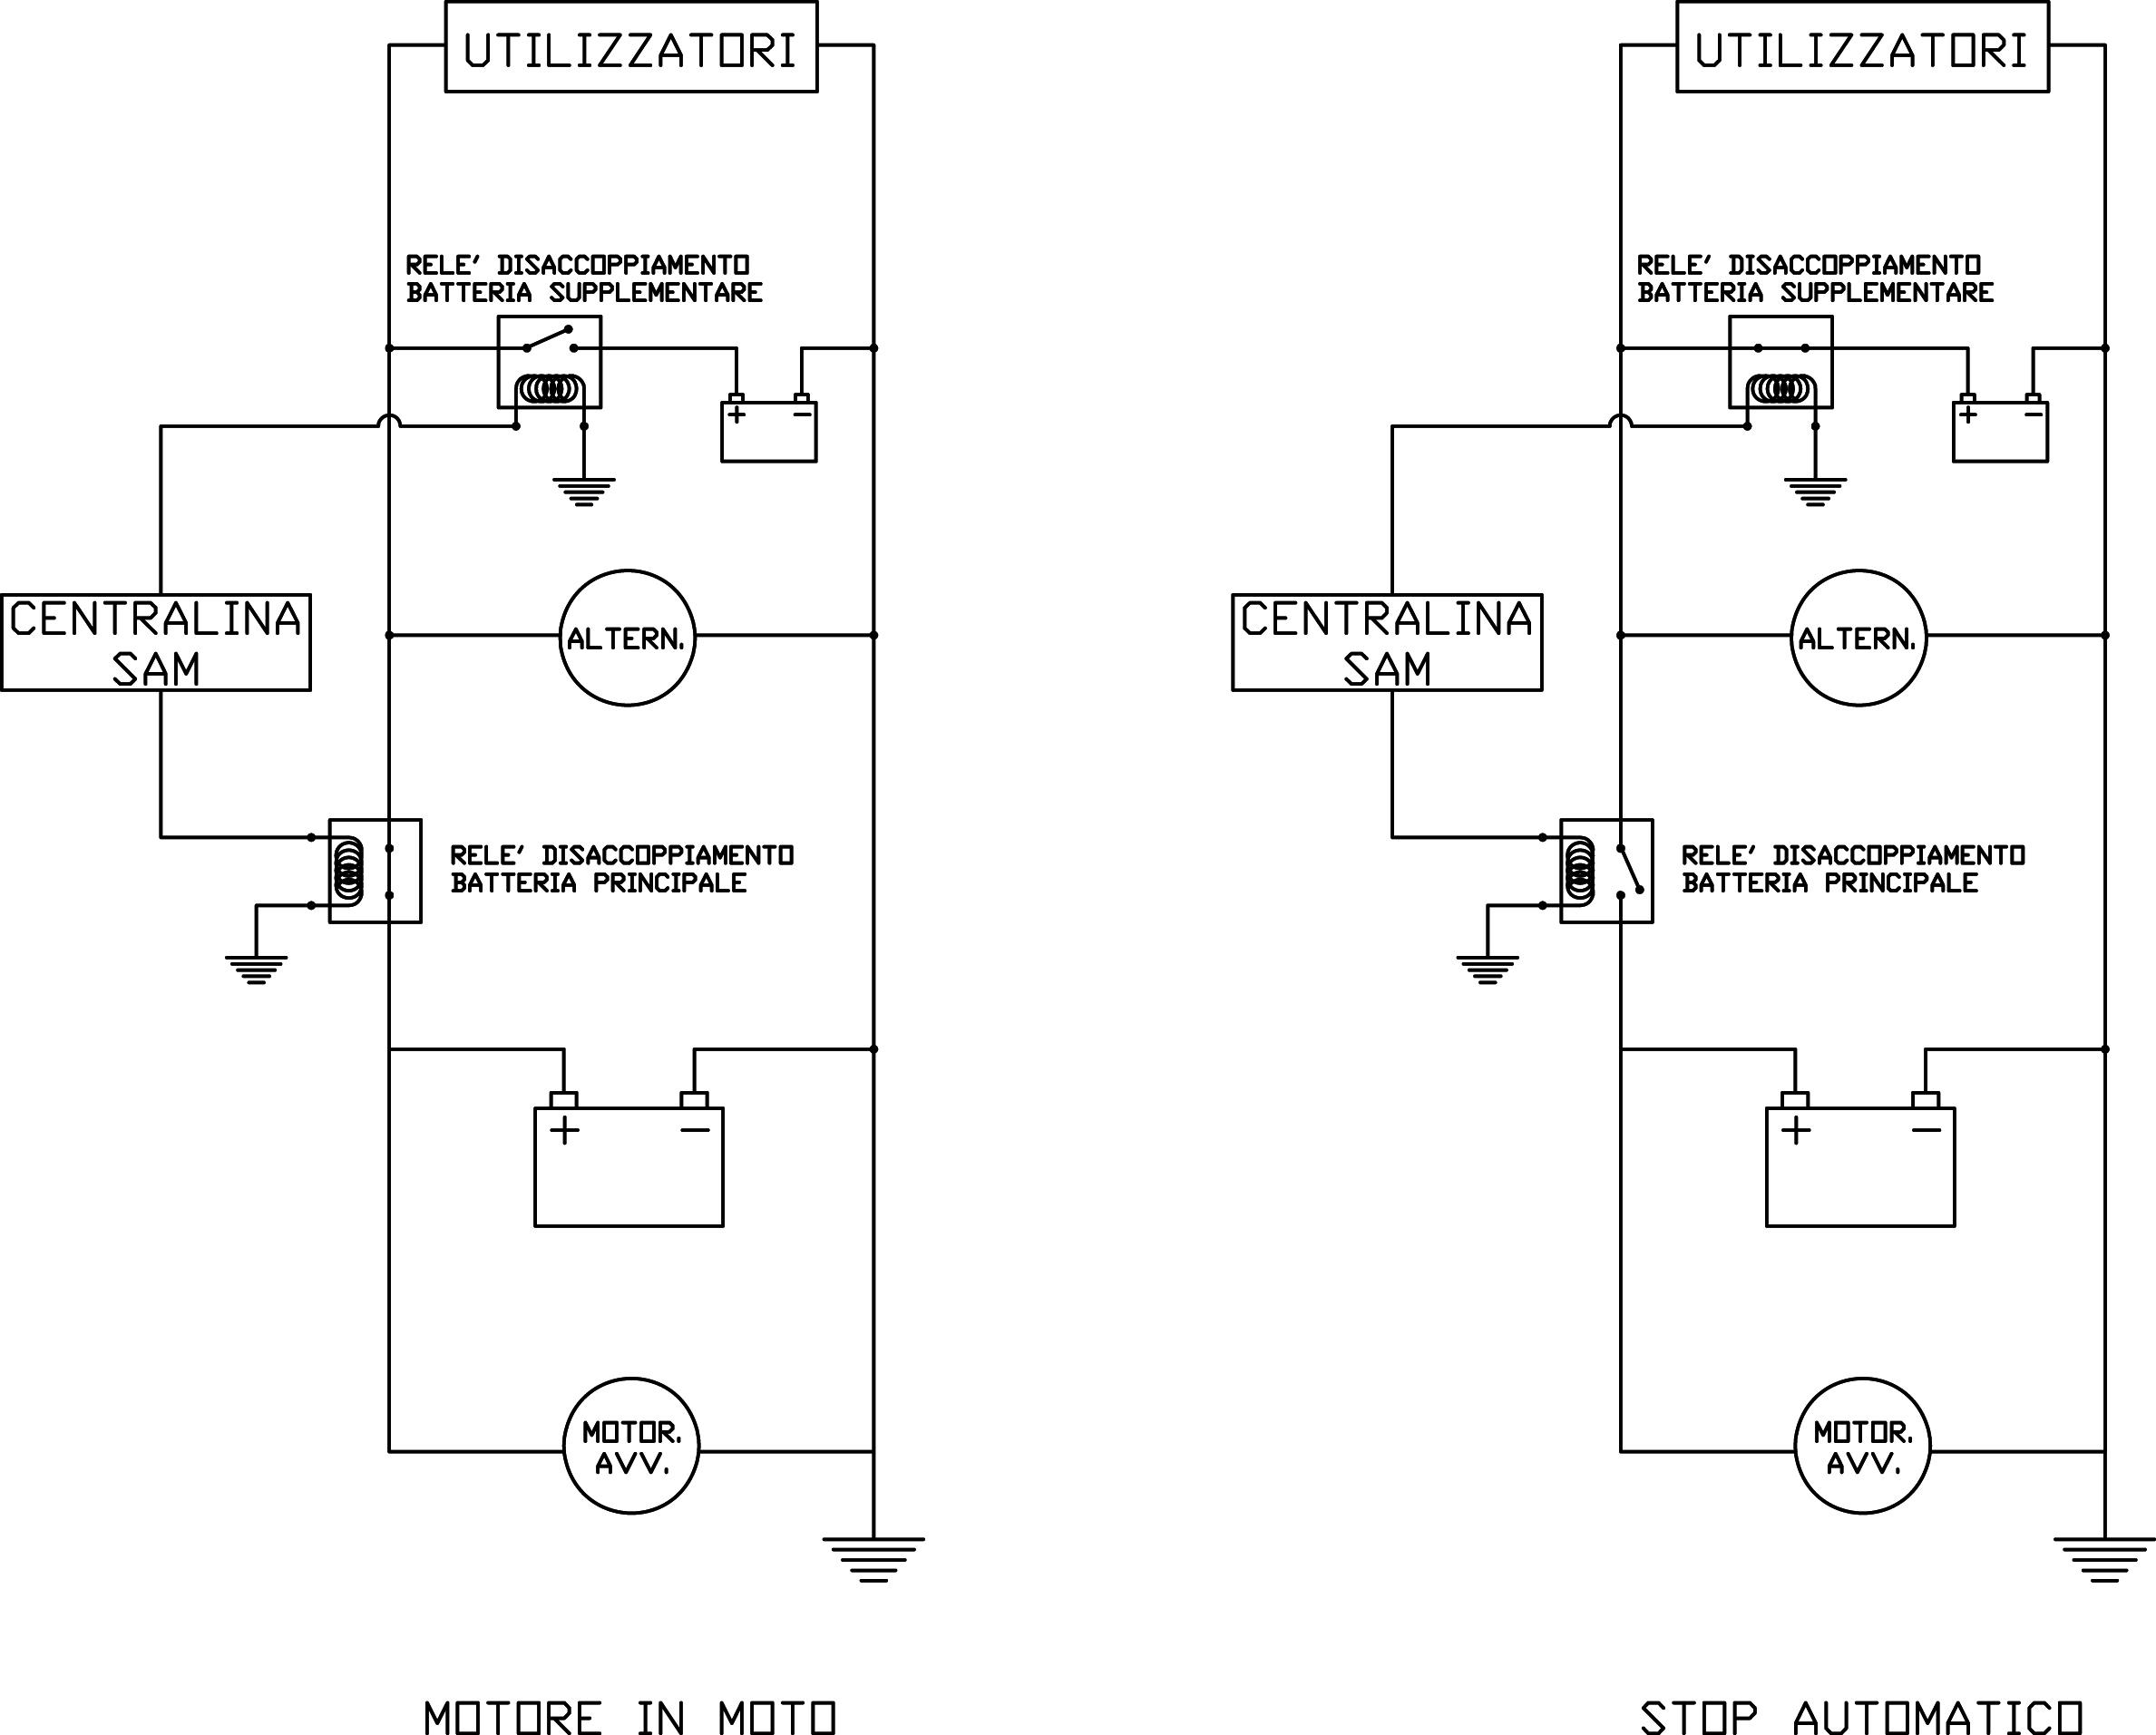 Schema Collegamento Alternatore Trattore : Batteria supplementare per sistemi stop start su mercedes